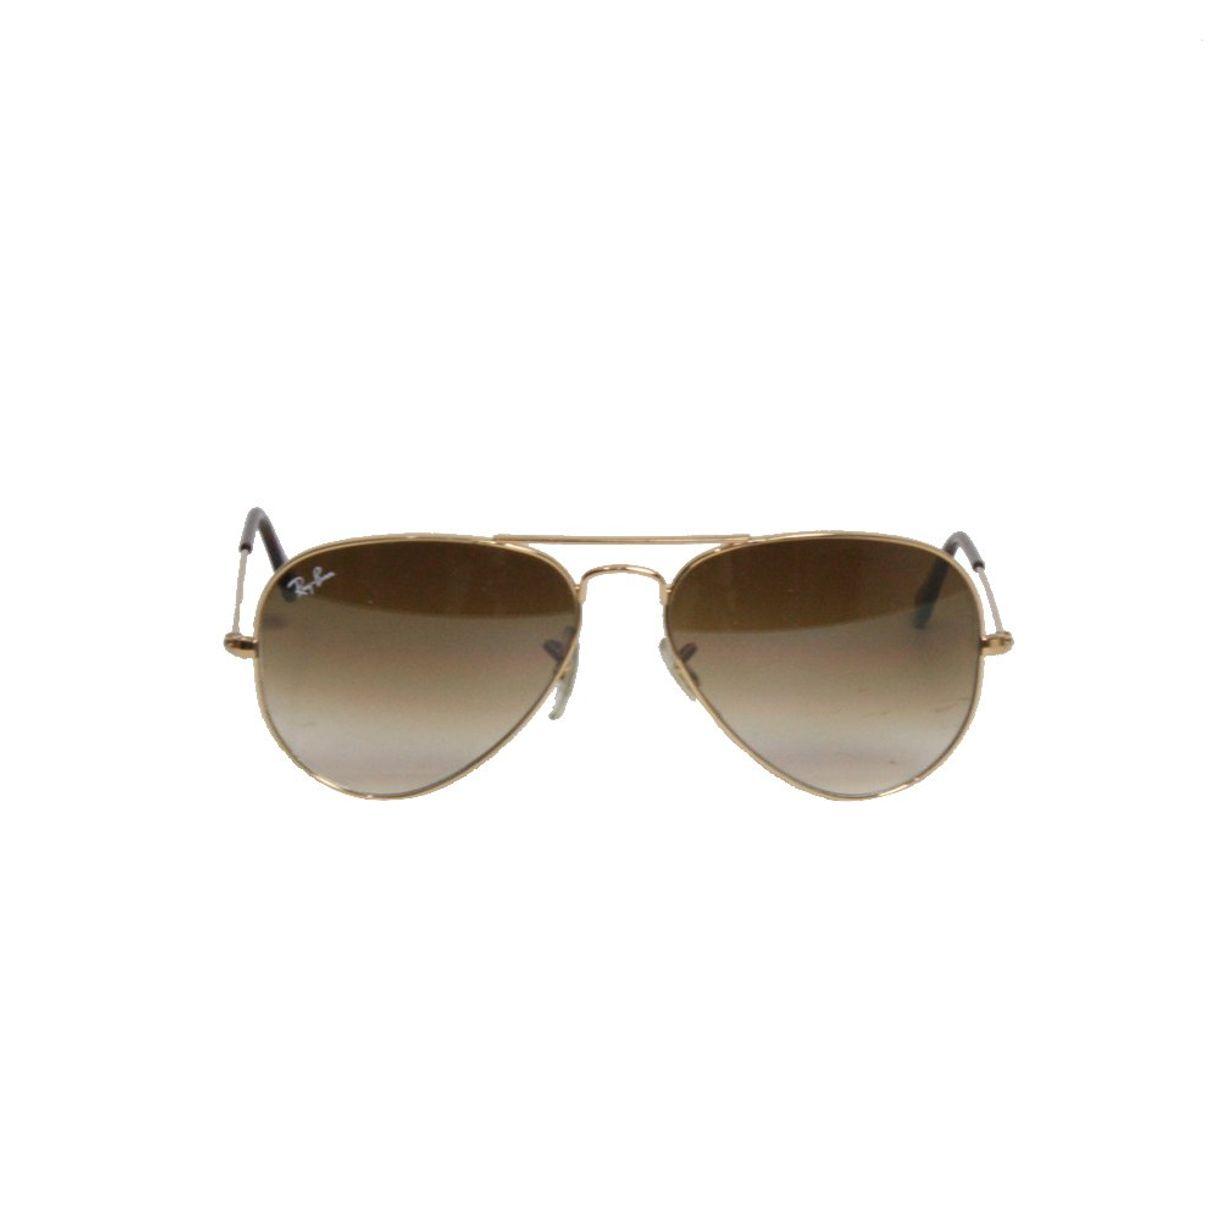 Oculos-Ray-Ban-Aviador-Dourado-P